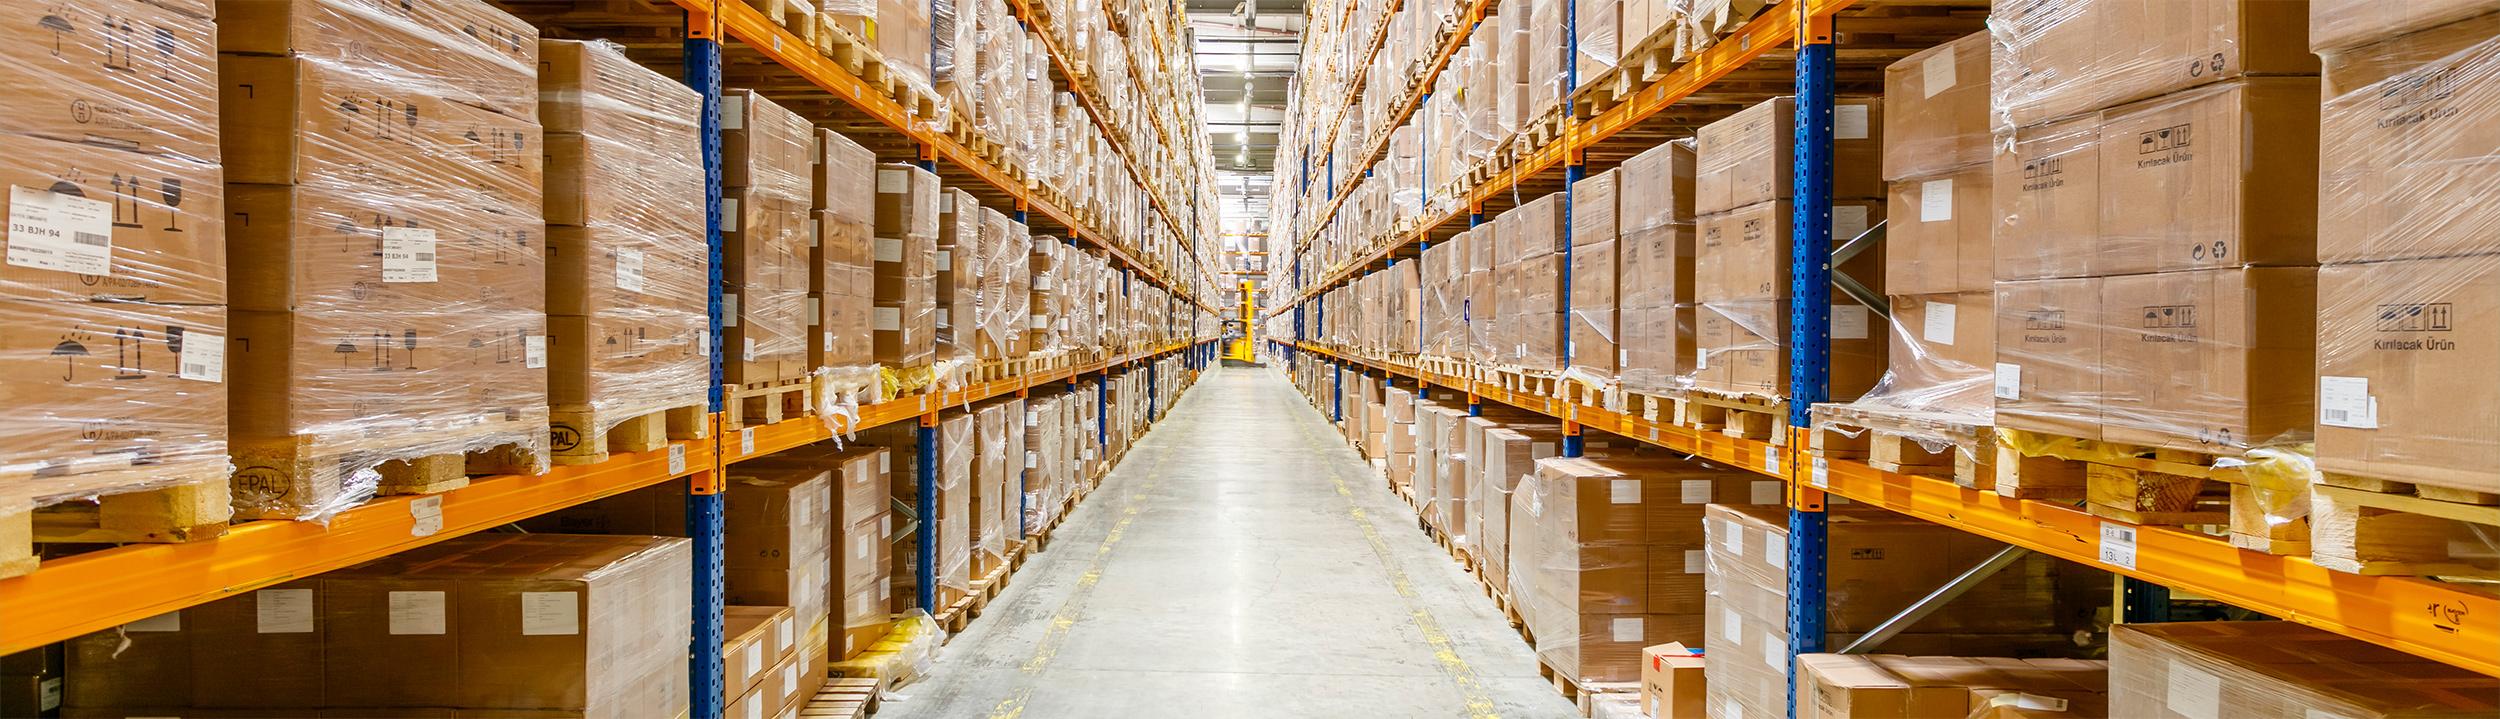 Ekol Poland - Warehousing